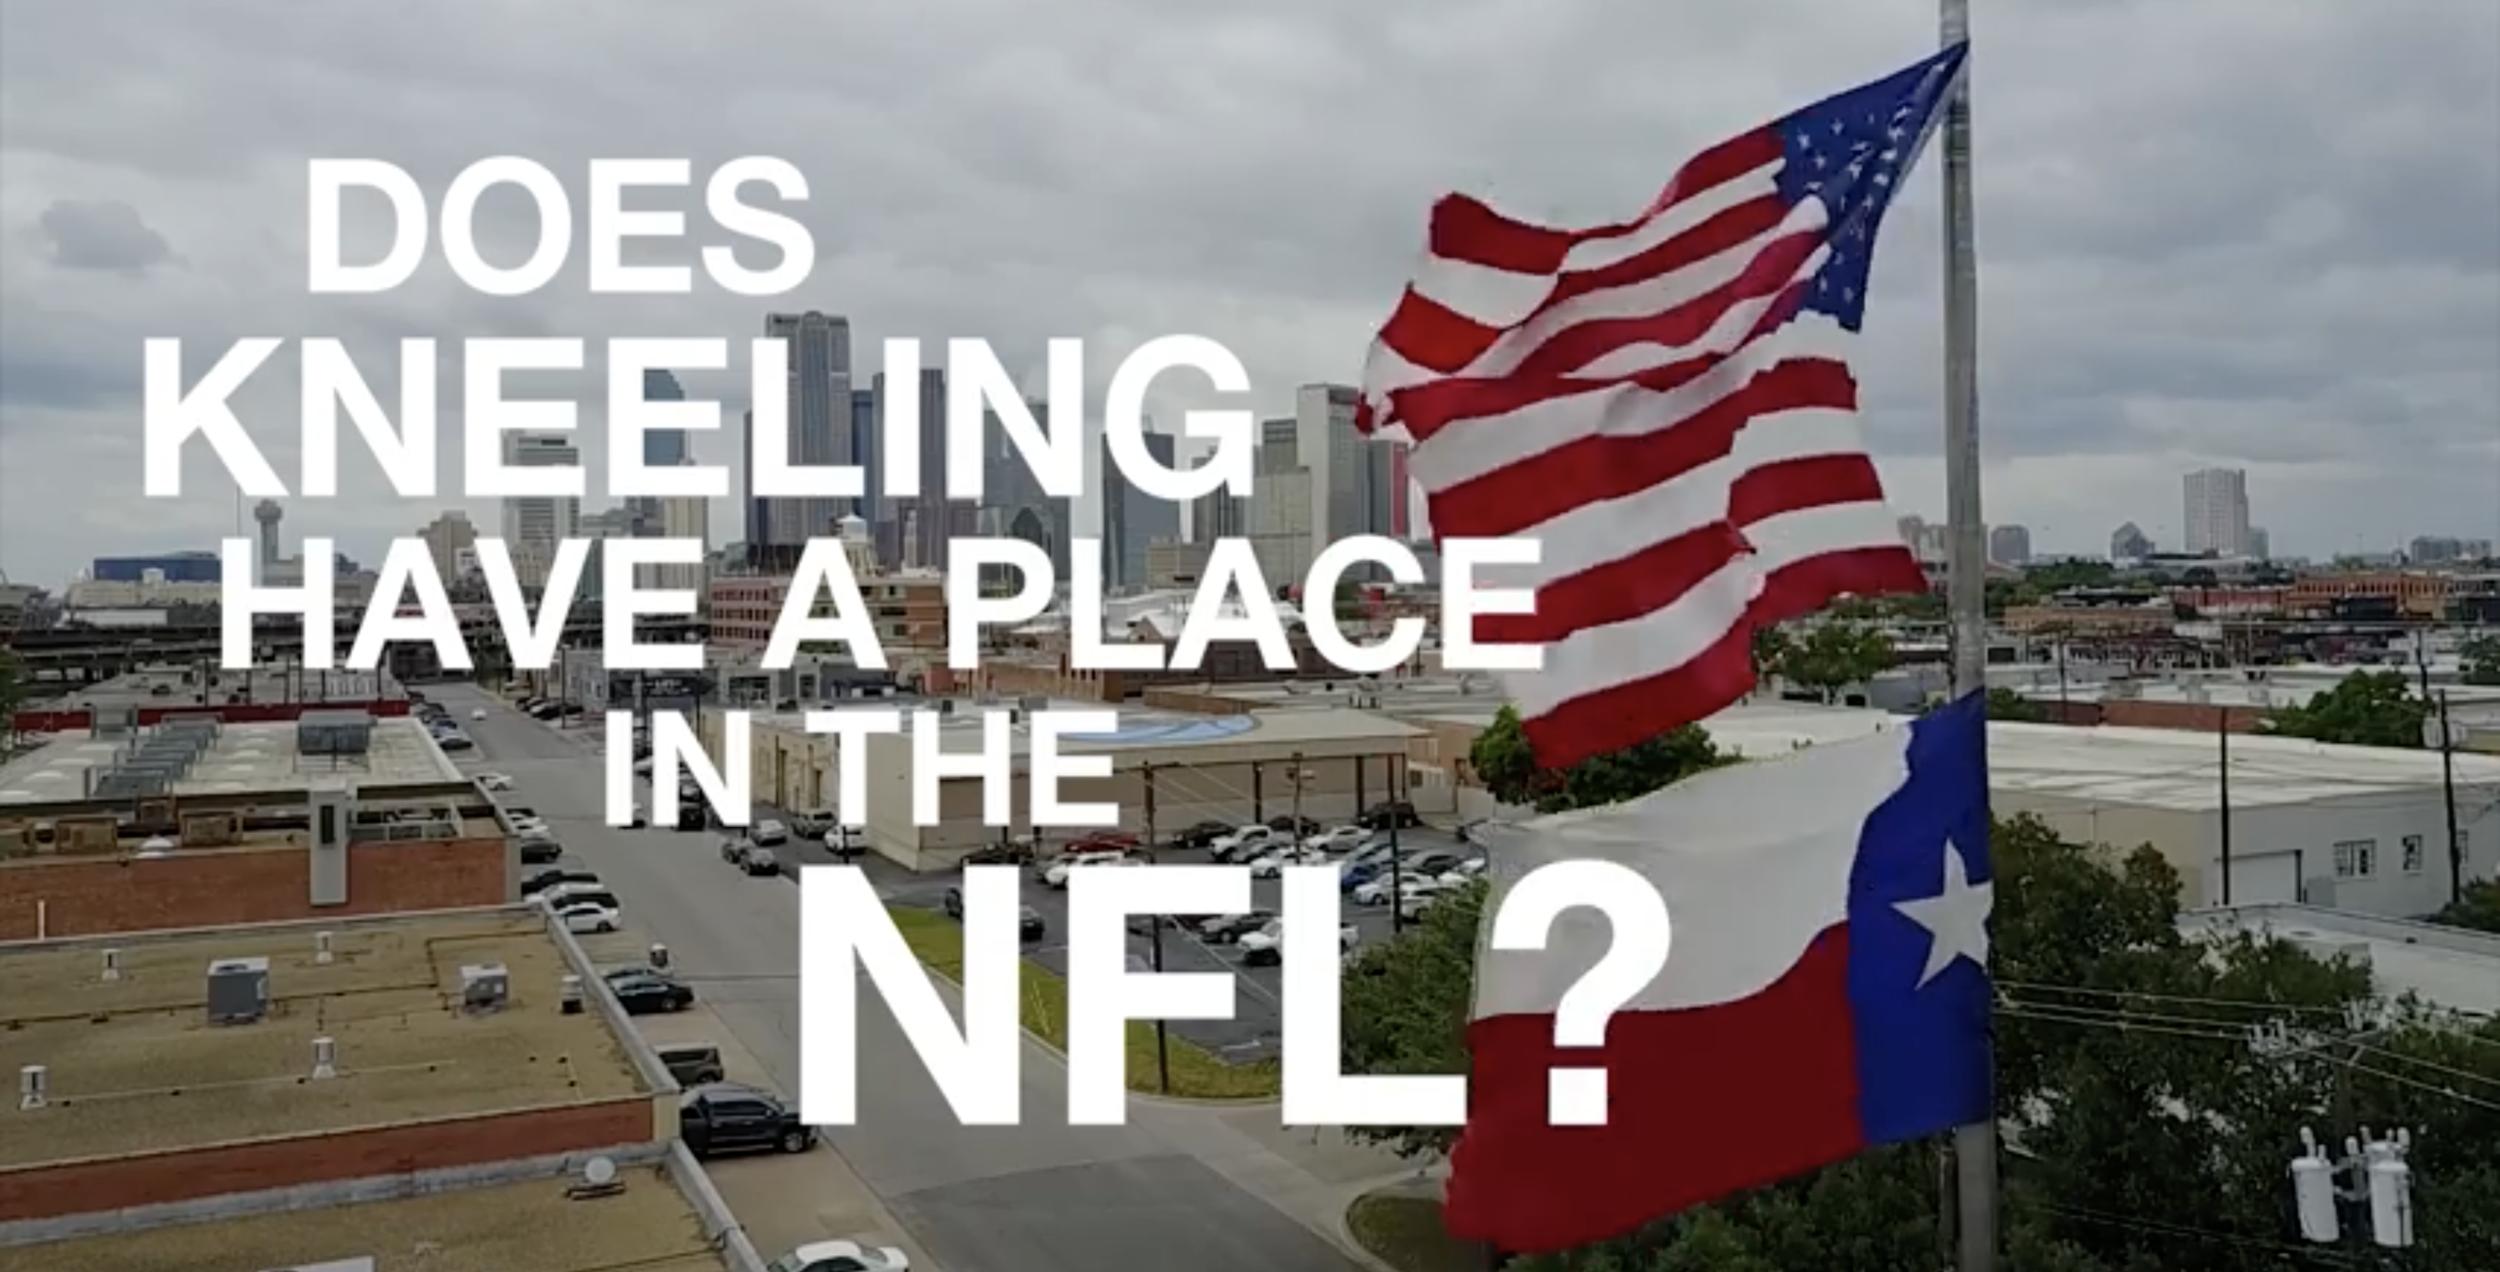 Kneeling in the NFL